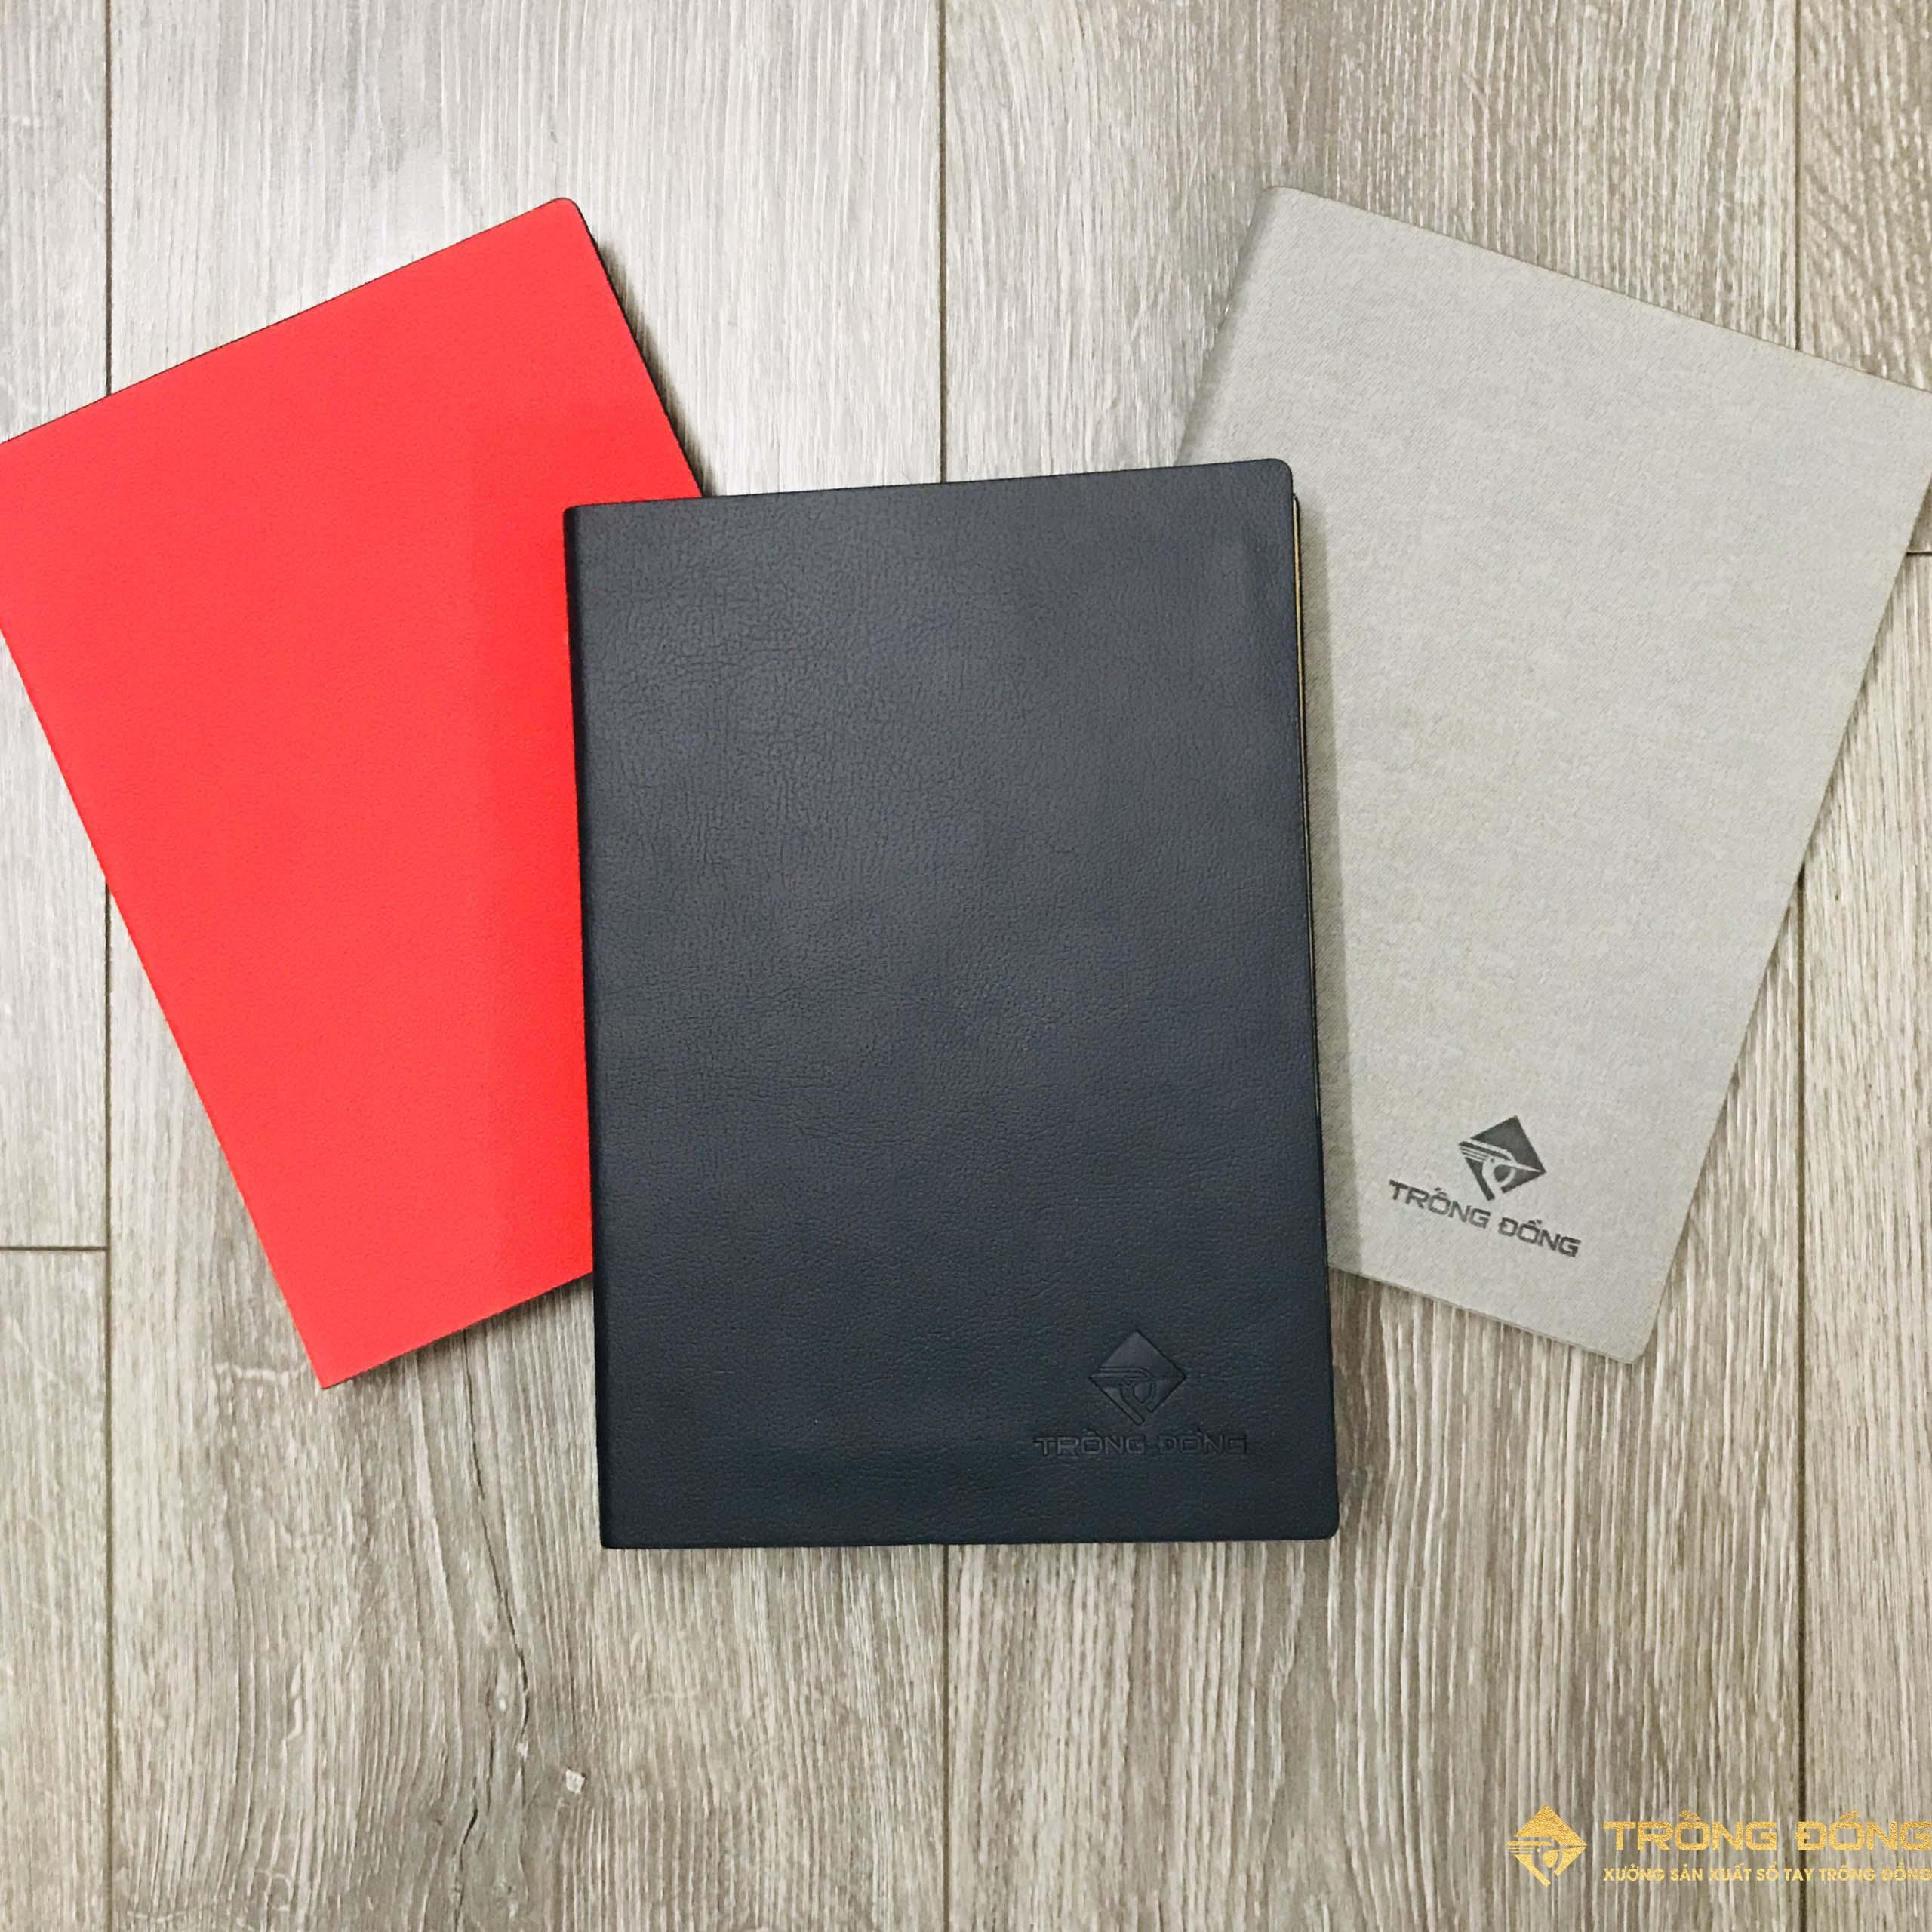 Mẫu sổ bìa da có sẵn mẫu LSA5-G2B